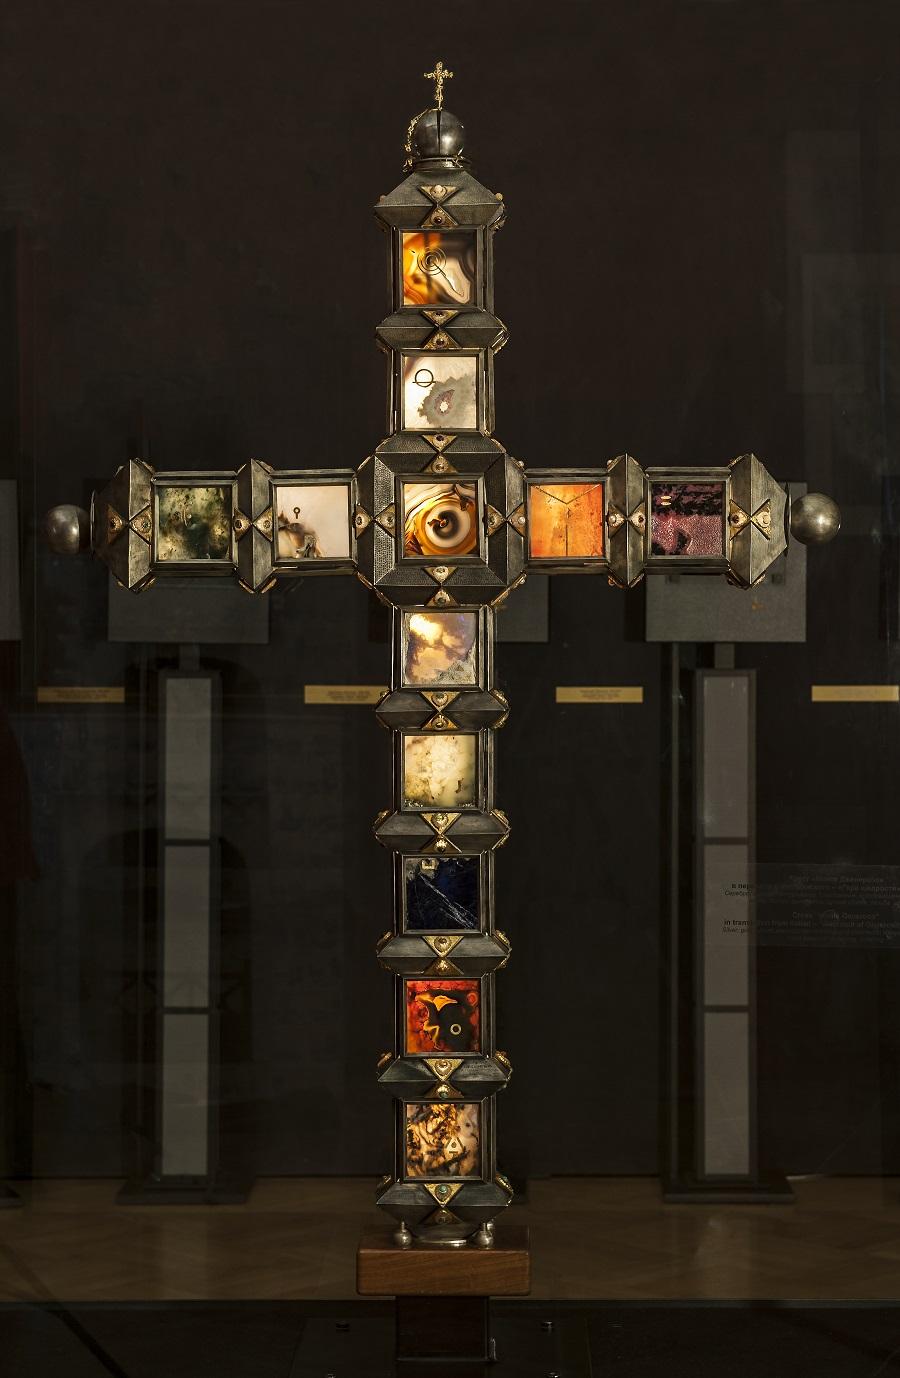 Композиция Крест «Монте Дженерозо» в Шереметевском дворце